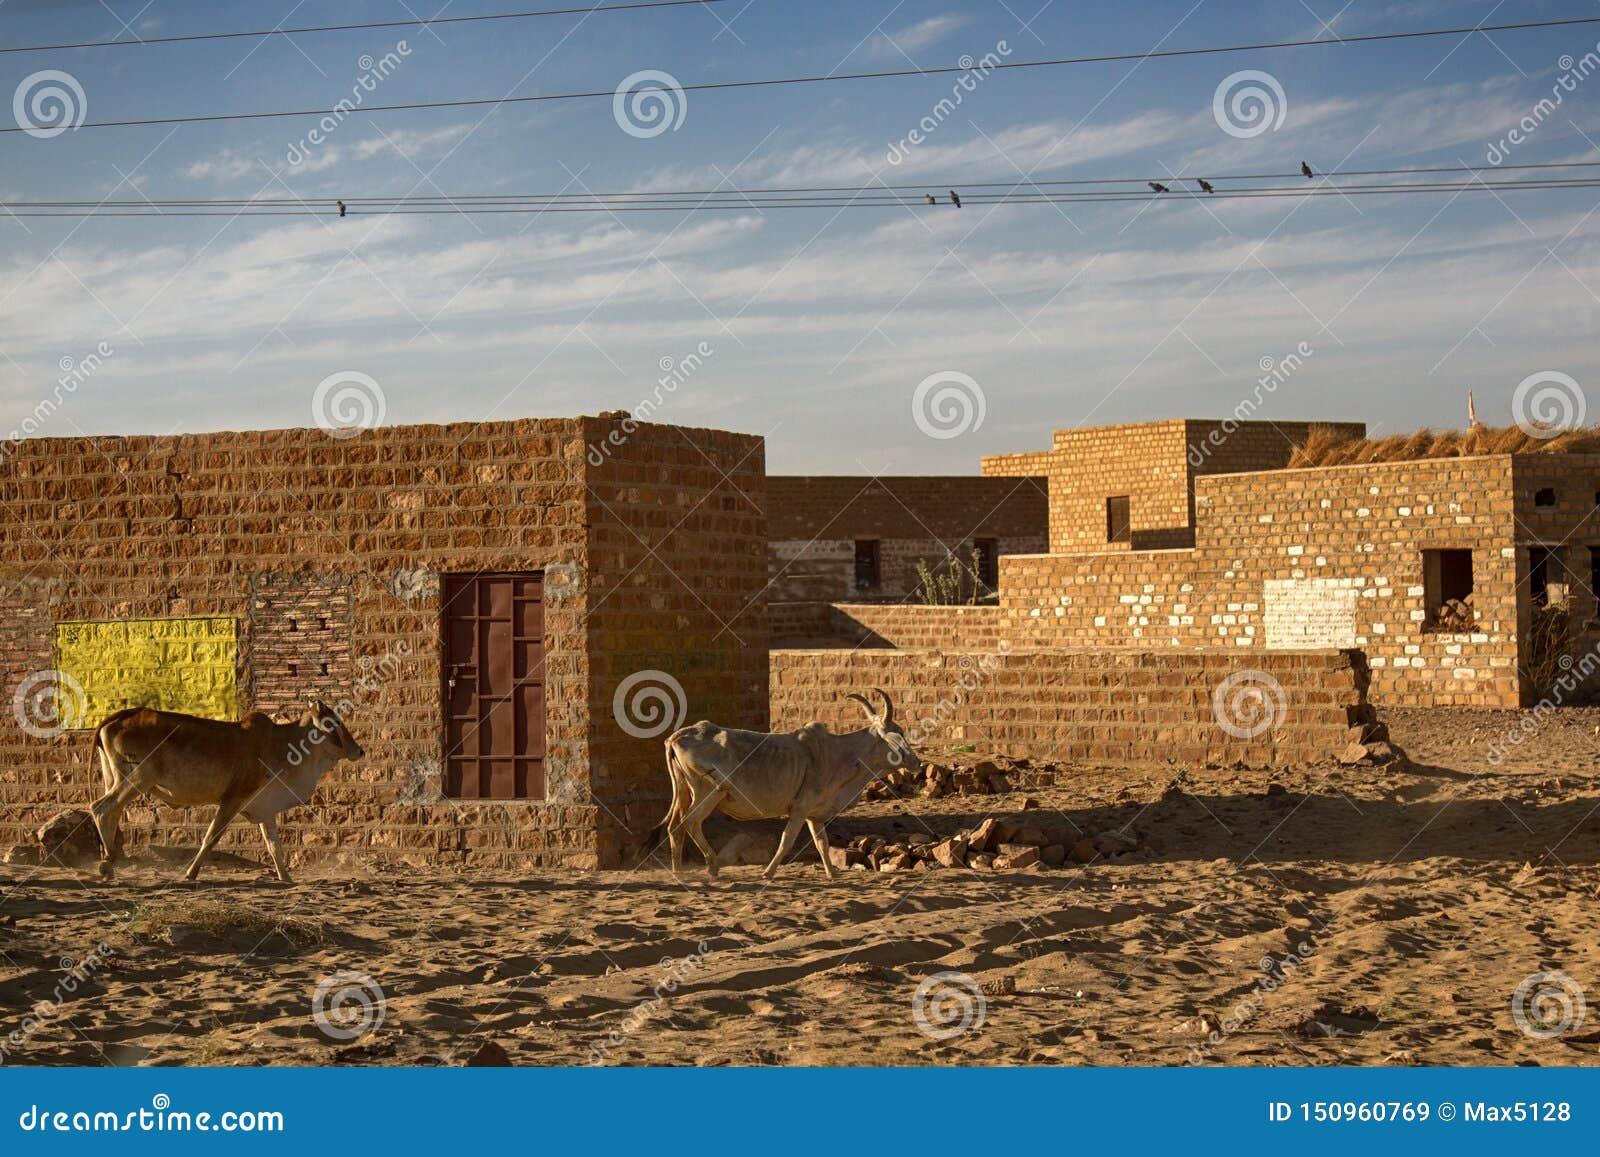 Indian village in the sandy desert